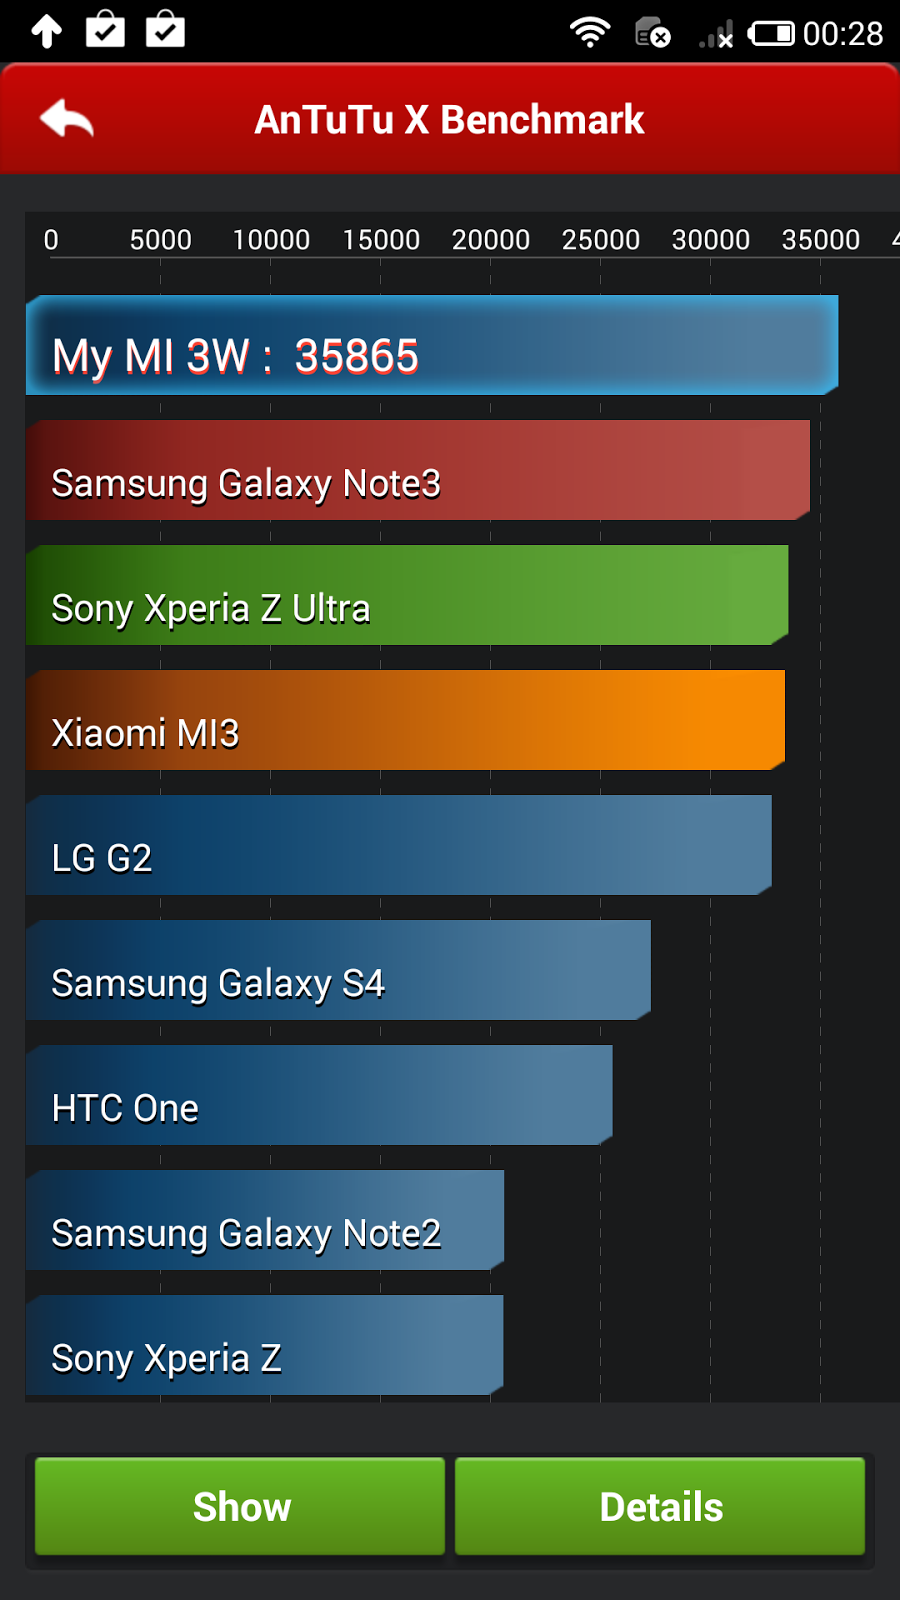 Prueba de Antutu a los móviles libres chinos Xiaomi Mi3, resultado 35.000